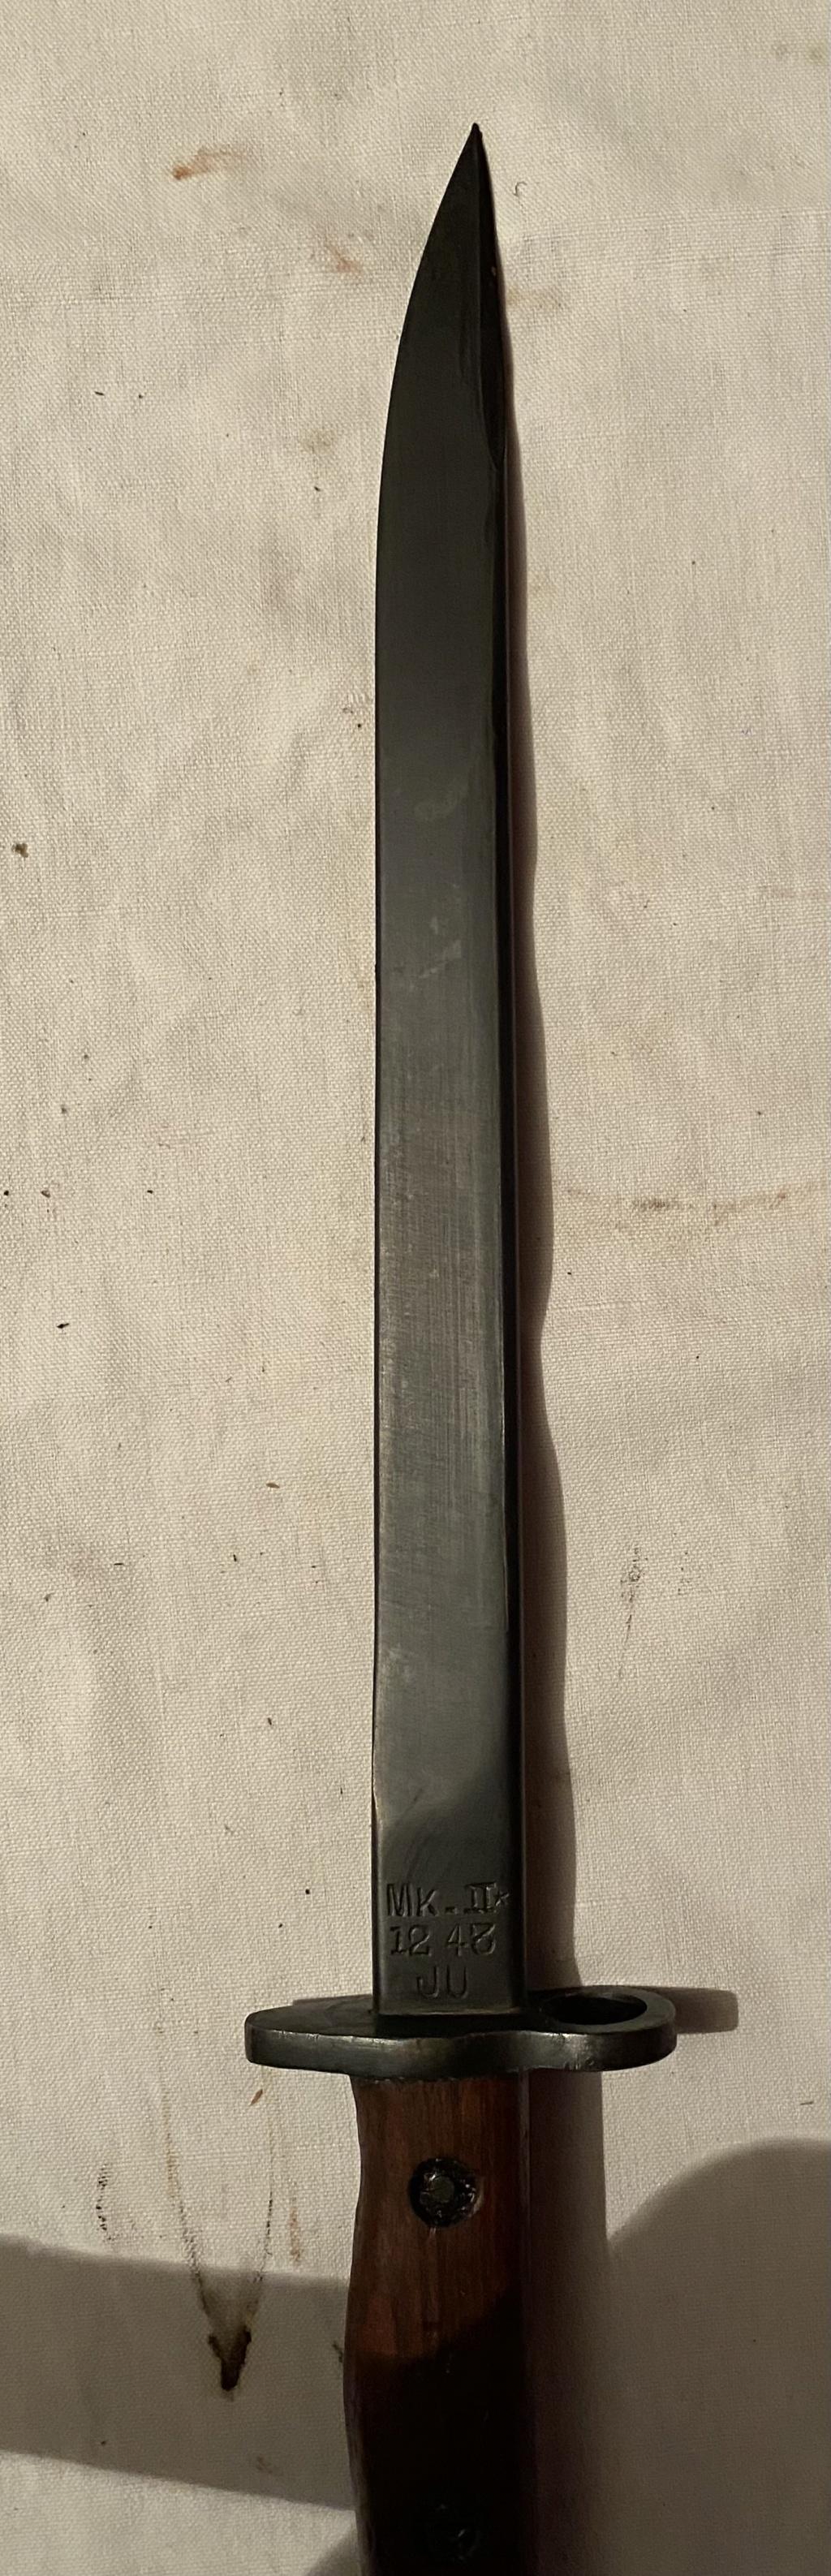 52 armes blanches ! Baïonnettes, dagues, toutes nationalités et époques ! Part 1 7_310